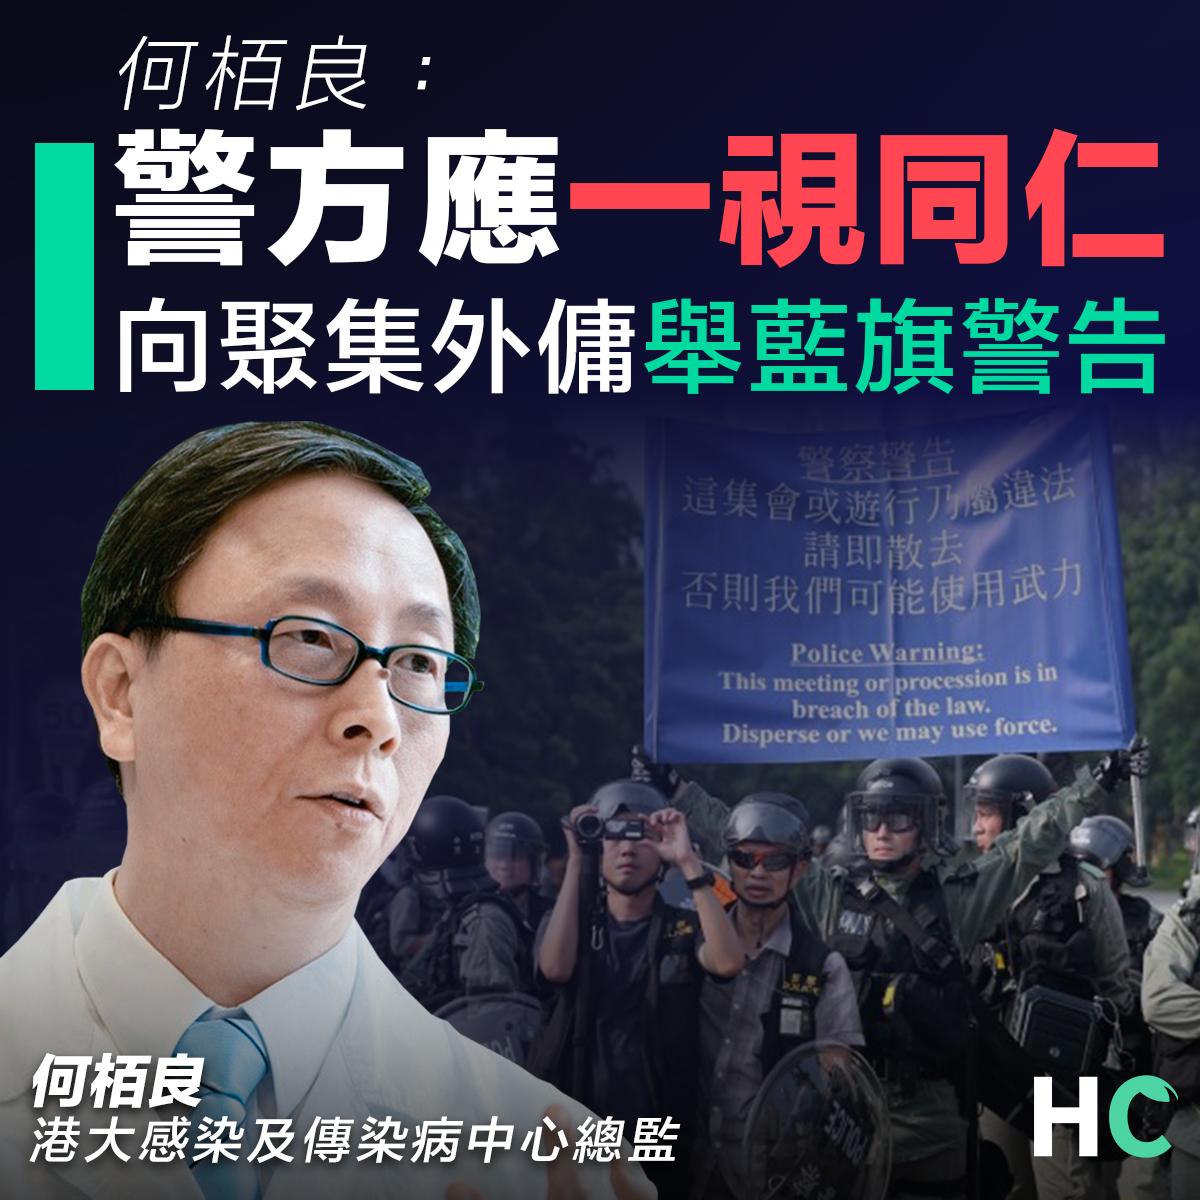 【#新型肺炎】何栢良:警方應一視同仁 向聚集外傭舉藍旗警告